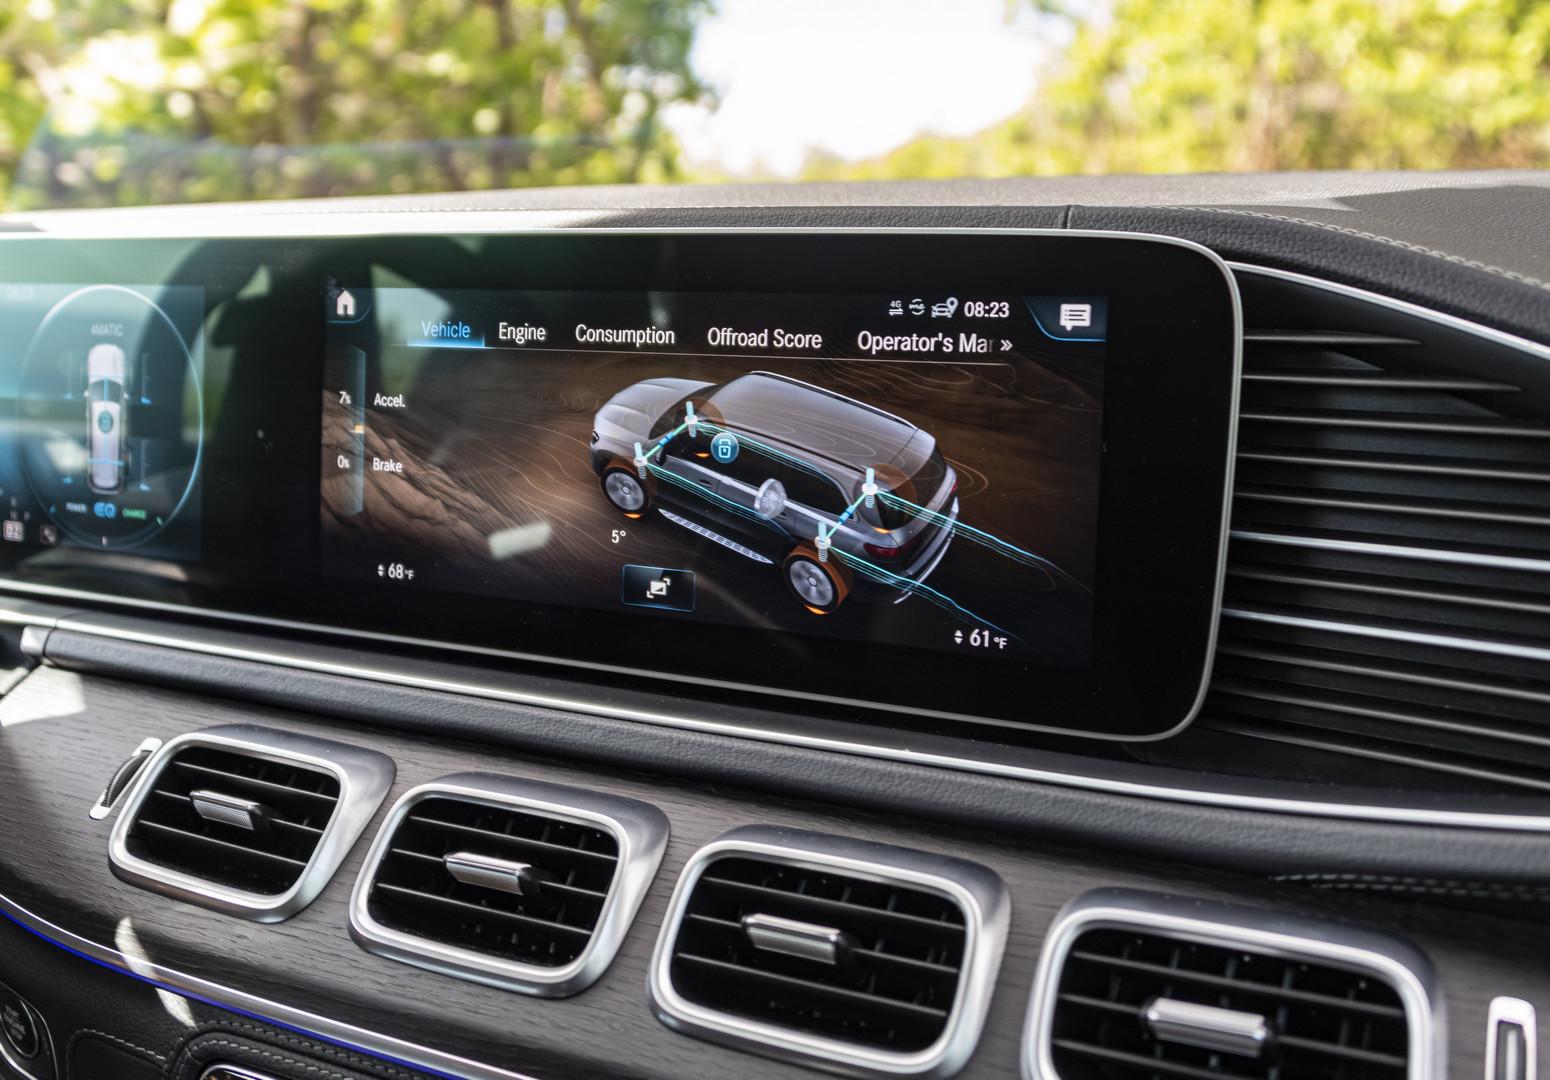 Mercedes-Benz GLS Off-Road Settings